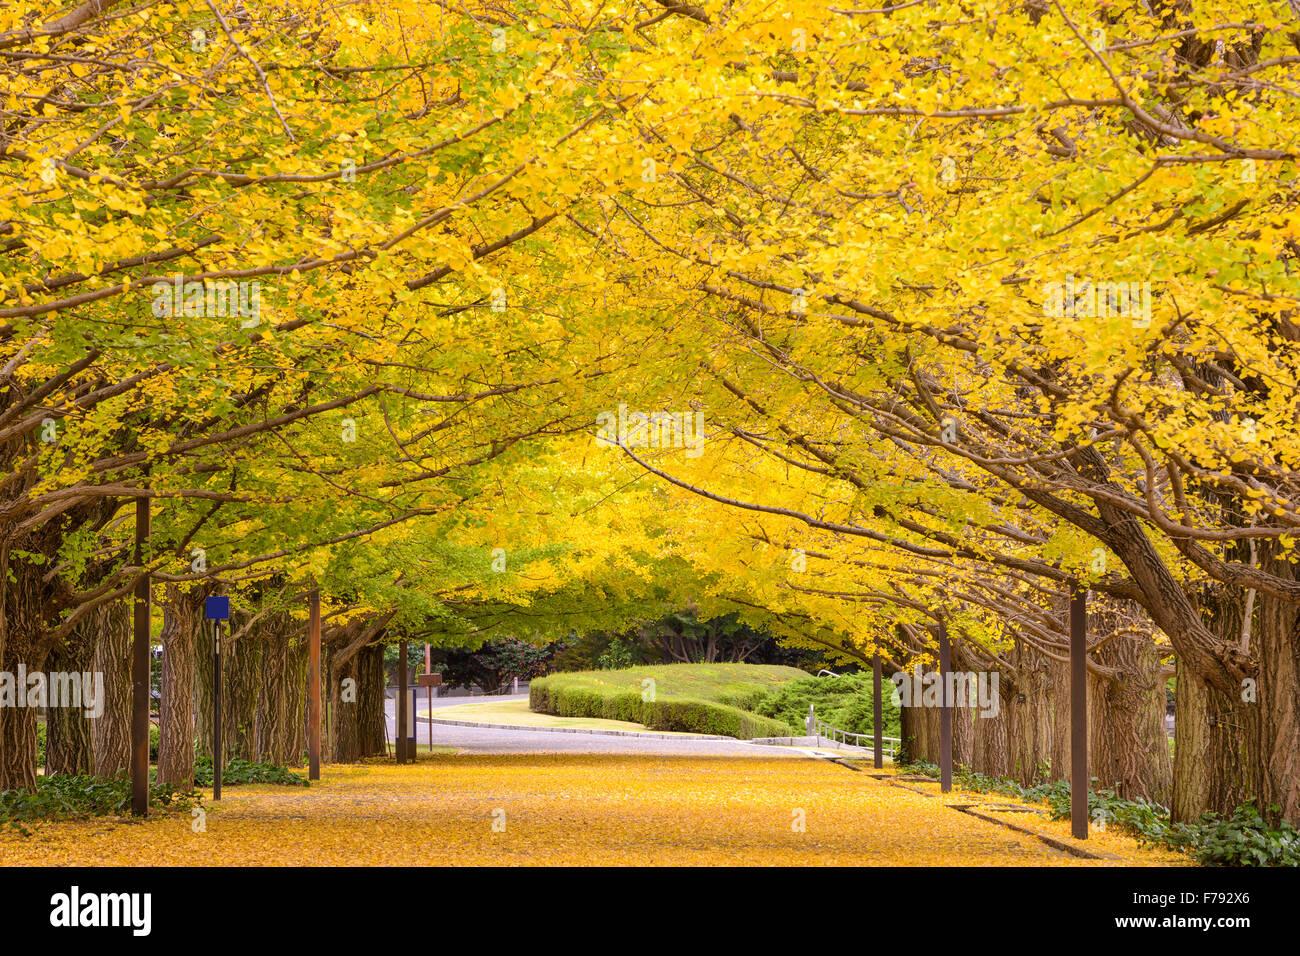 Parque de otoño en Tokio, Japón. Foto de stock